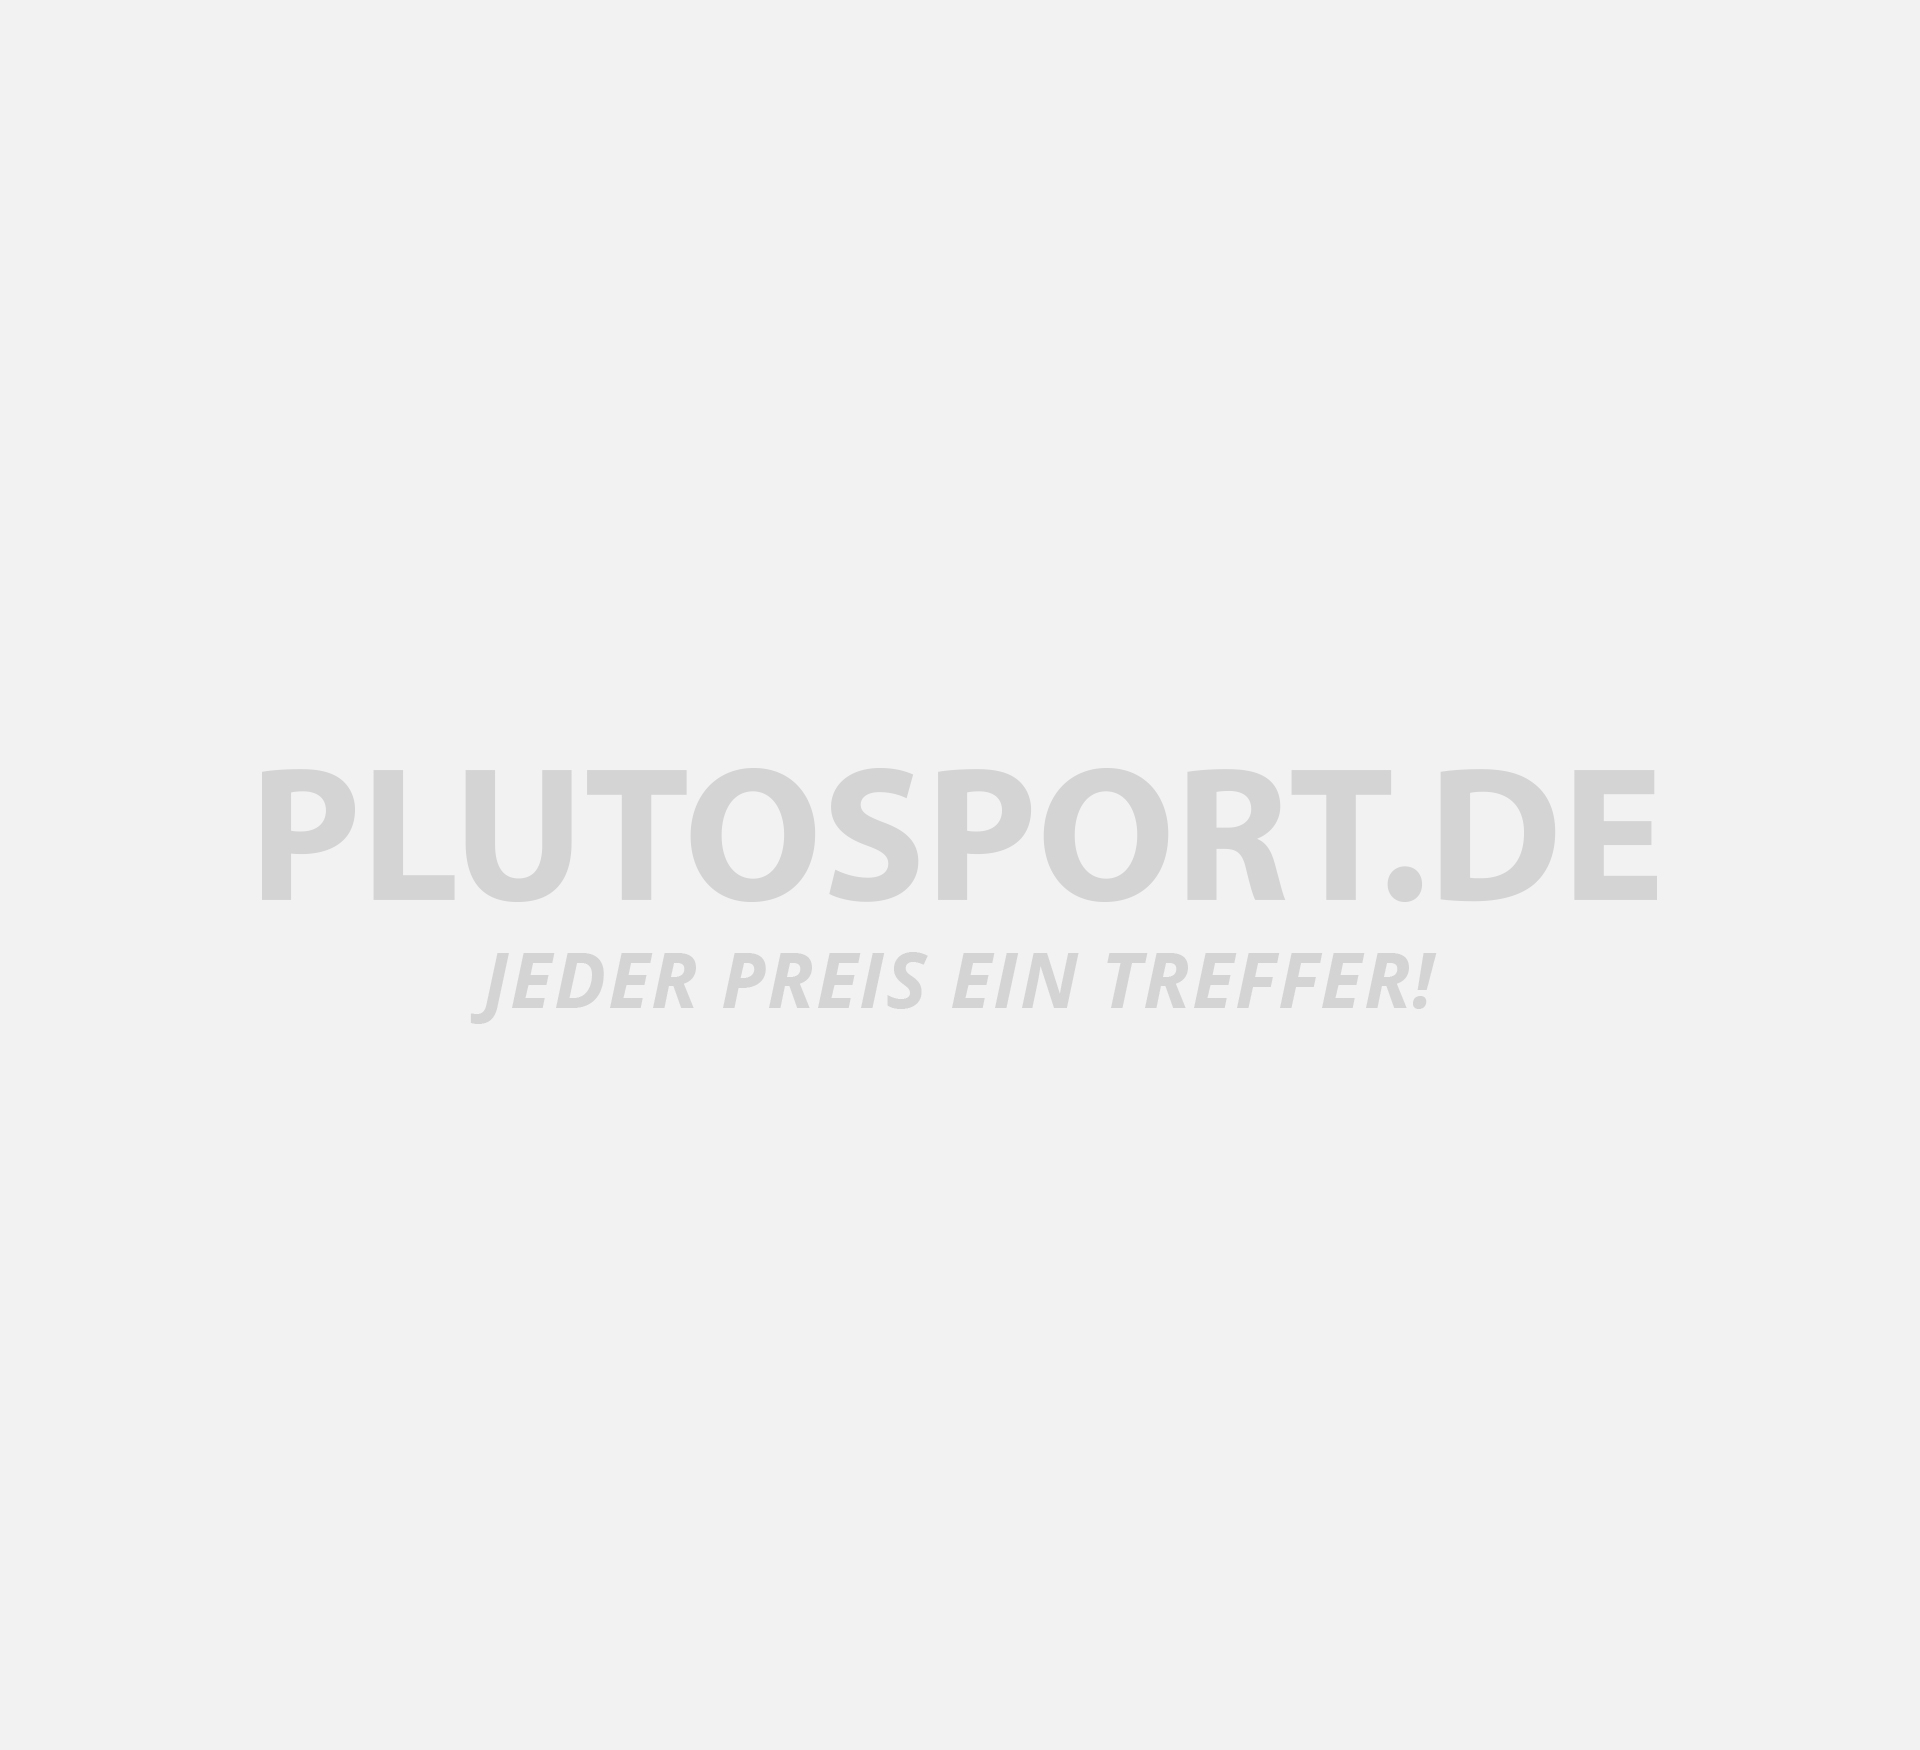 48c6bd278e0c Tommy Hilfiger Smart Beach Sandal - Flip flops - Slippers - Schuhe -  Freizeit - Sportarten